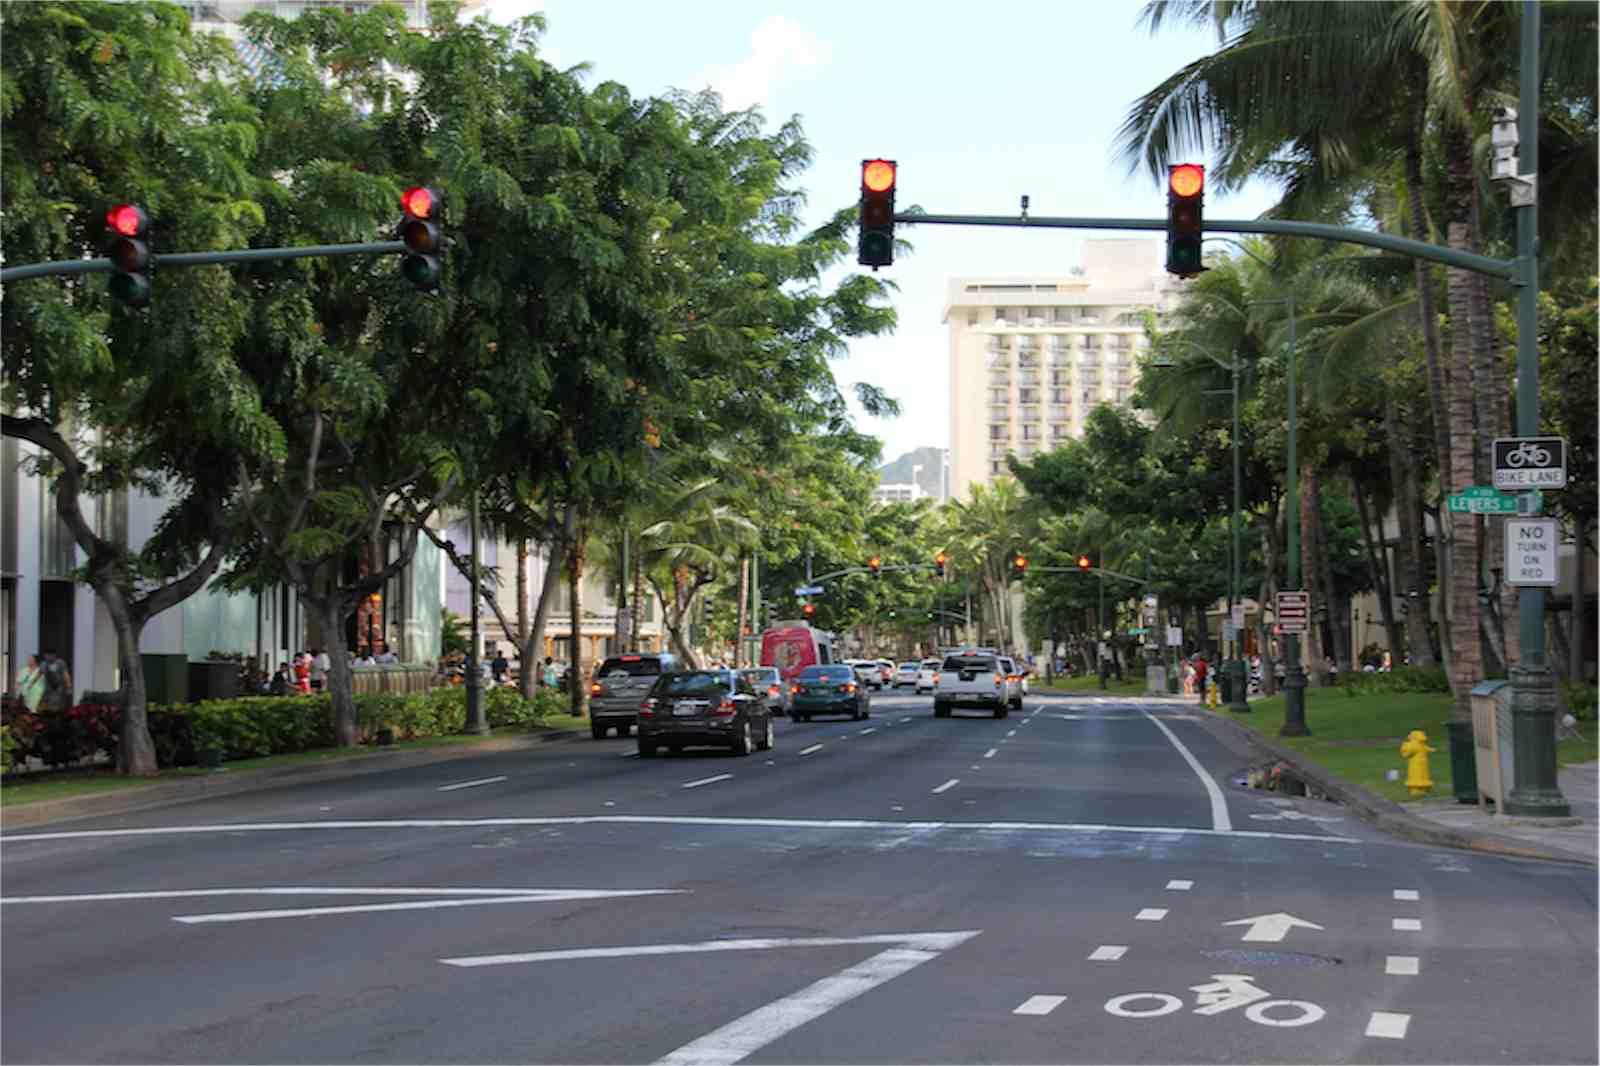 ハワイでレンタカーを借りることにした4つの理由